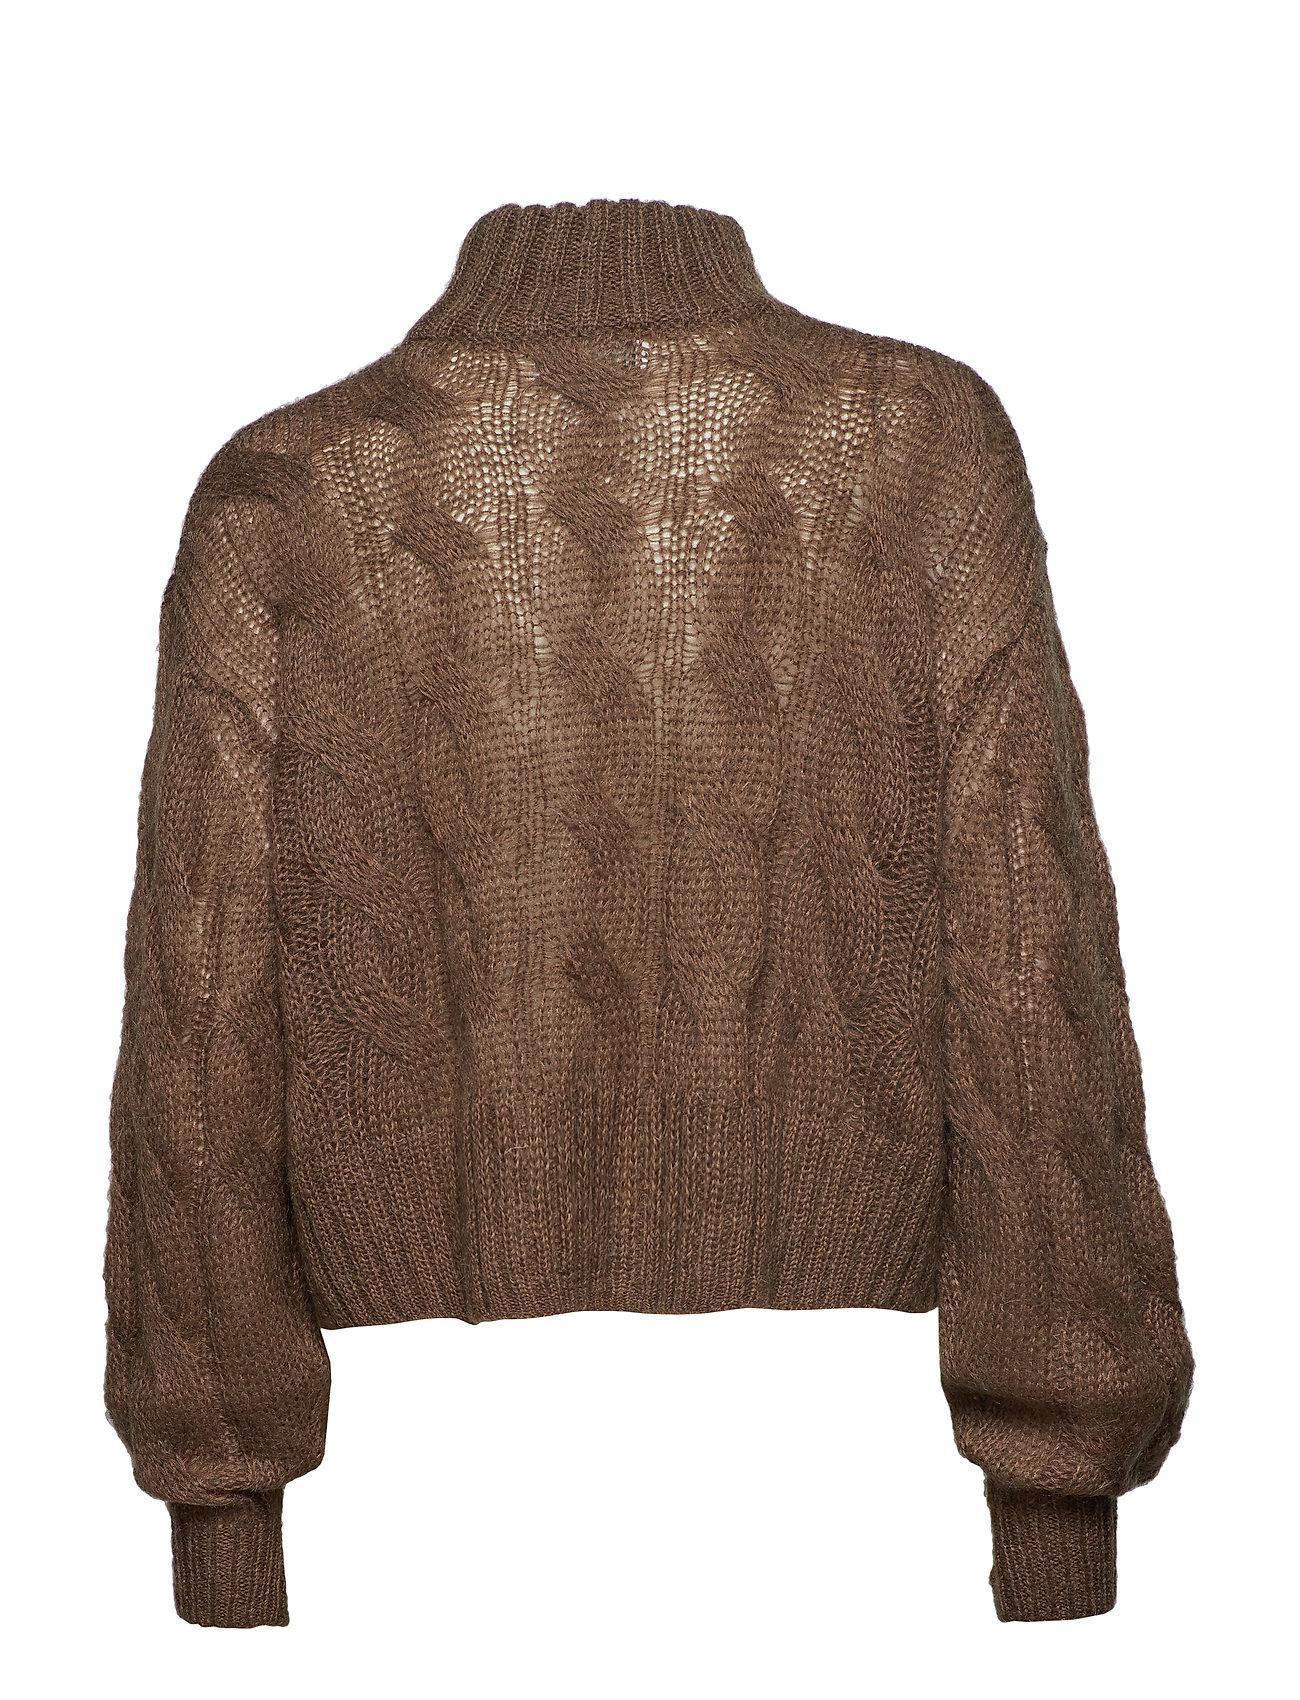 Sweaterkhaki BrownHope True True Sweaterkhaki True Sweaterkhaki BrownHope BrownHope True eIY9WE2bHD